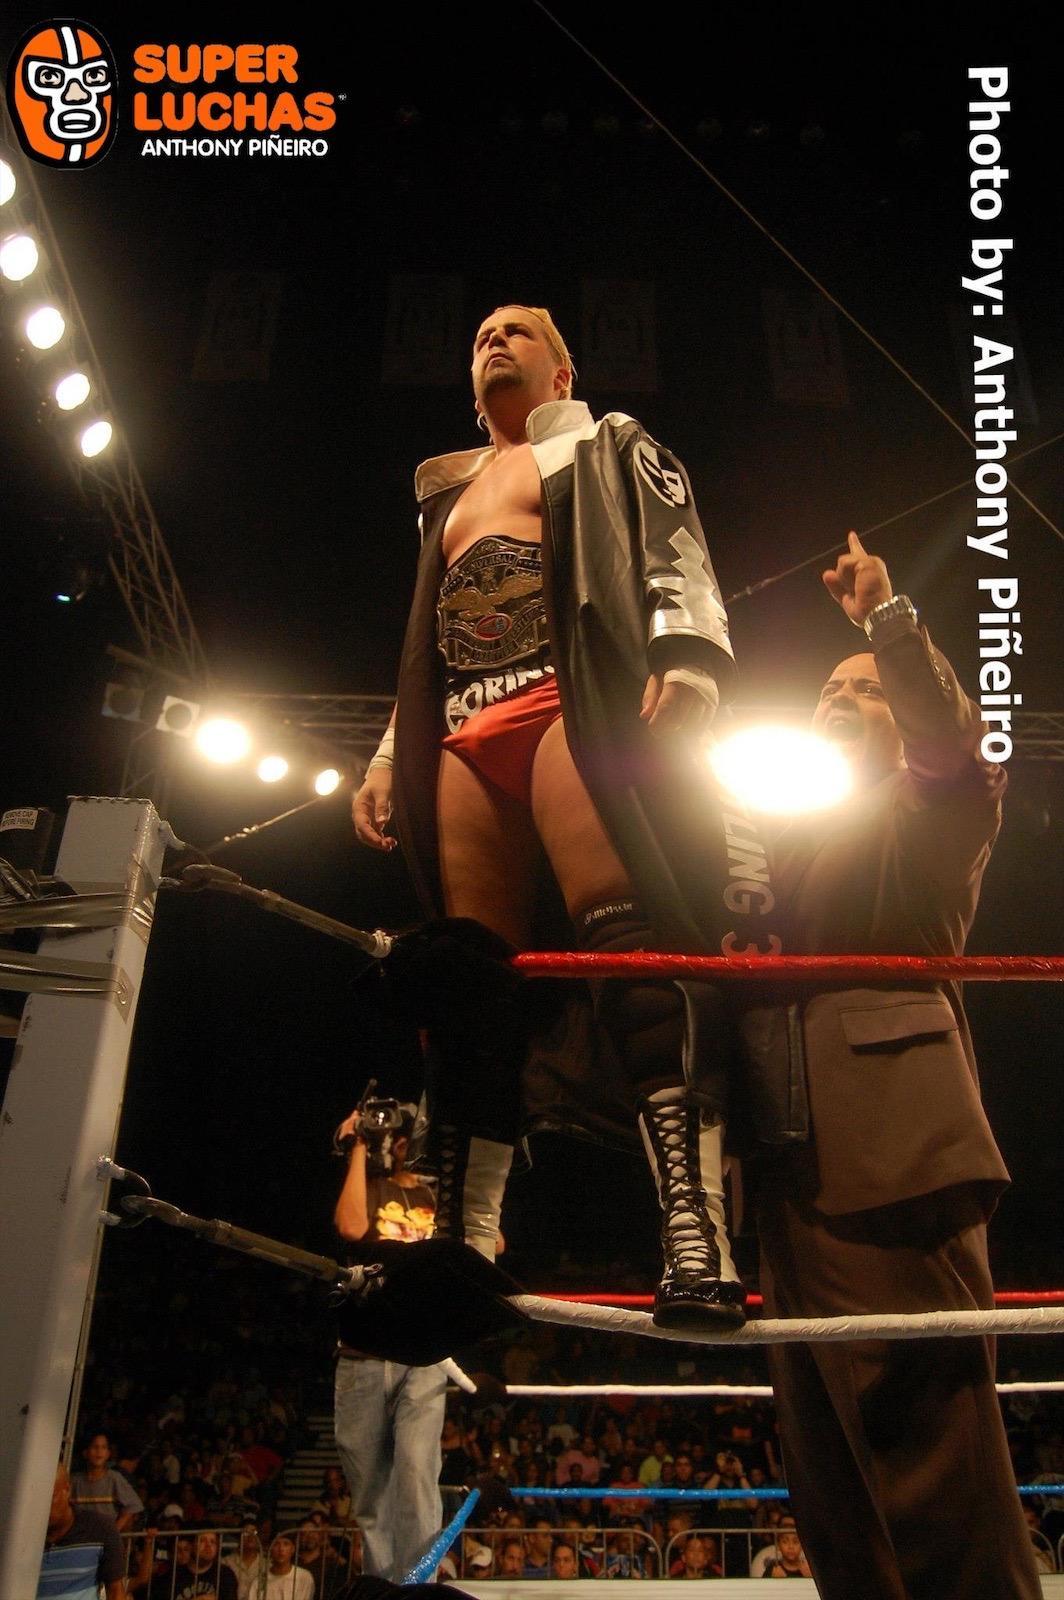 WWC presenta en su totalidad Aniversario 2009 - Máscara vs Cabellera entre Ray Gonzalez y La Pesadilla (Epico) 2